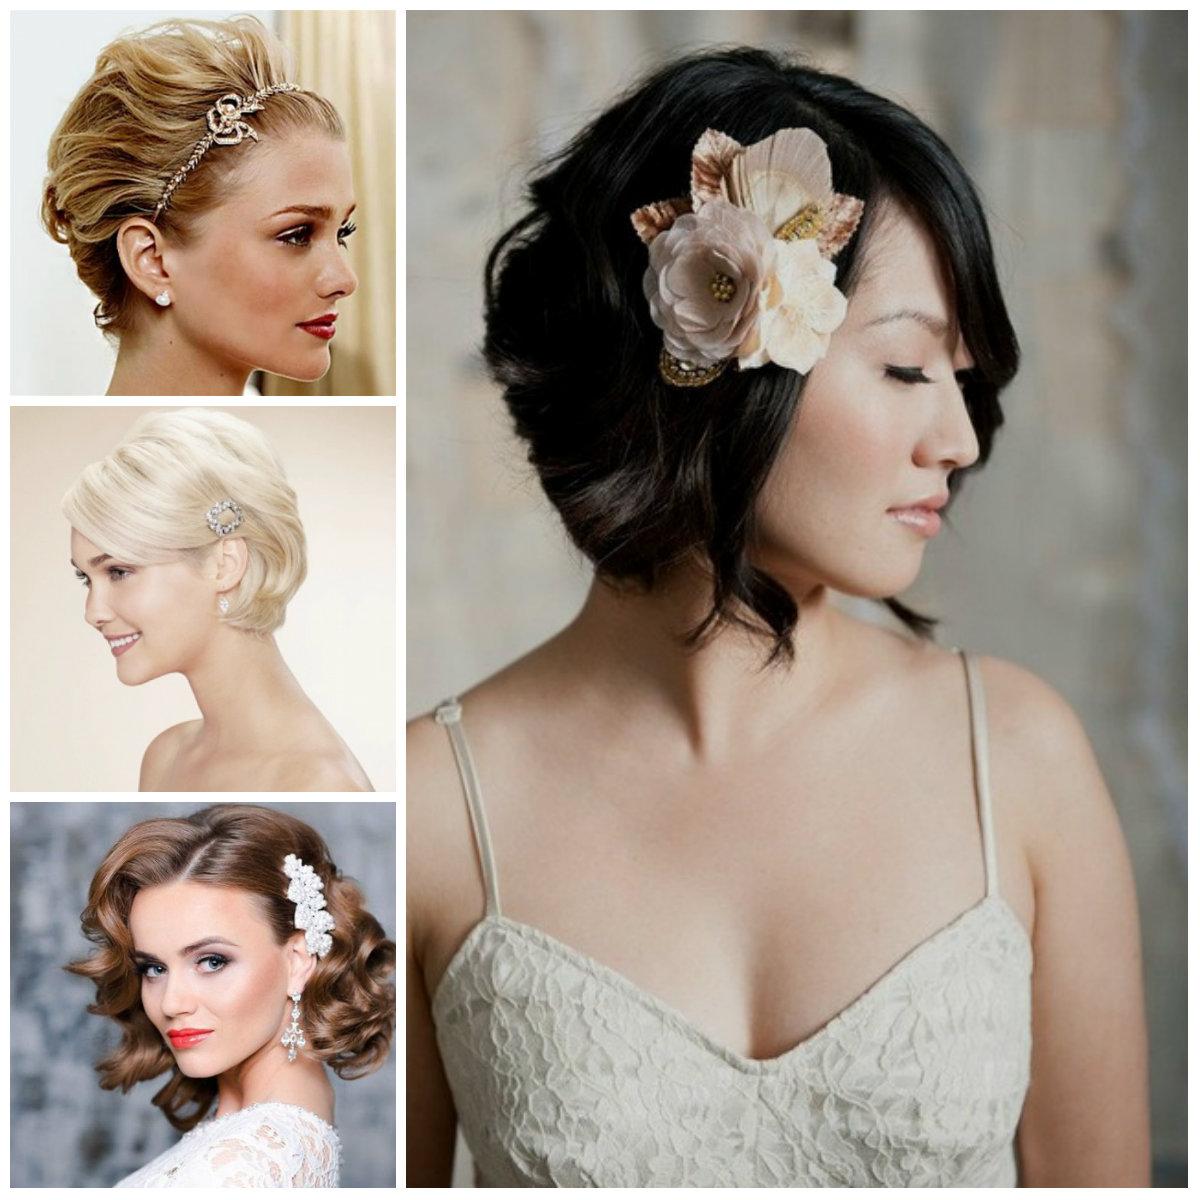 6 Penteados Curtos do Tranças